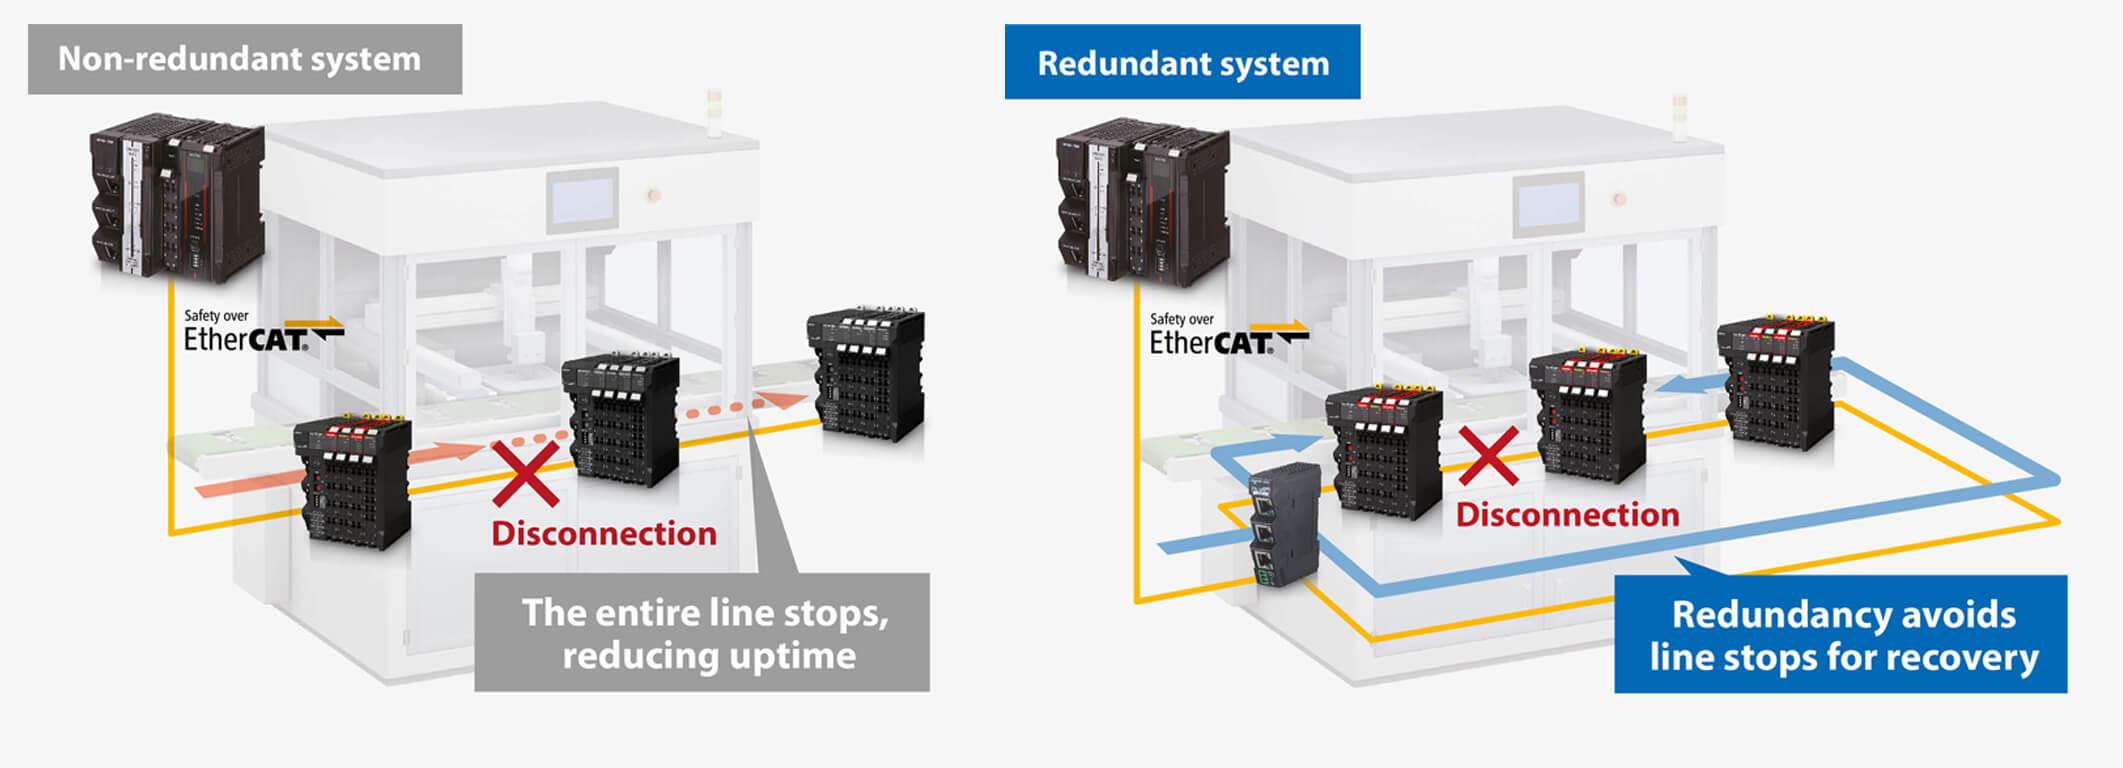 nonredundant redundant system prod engb prod